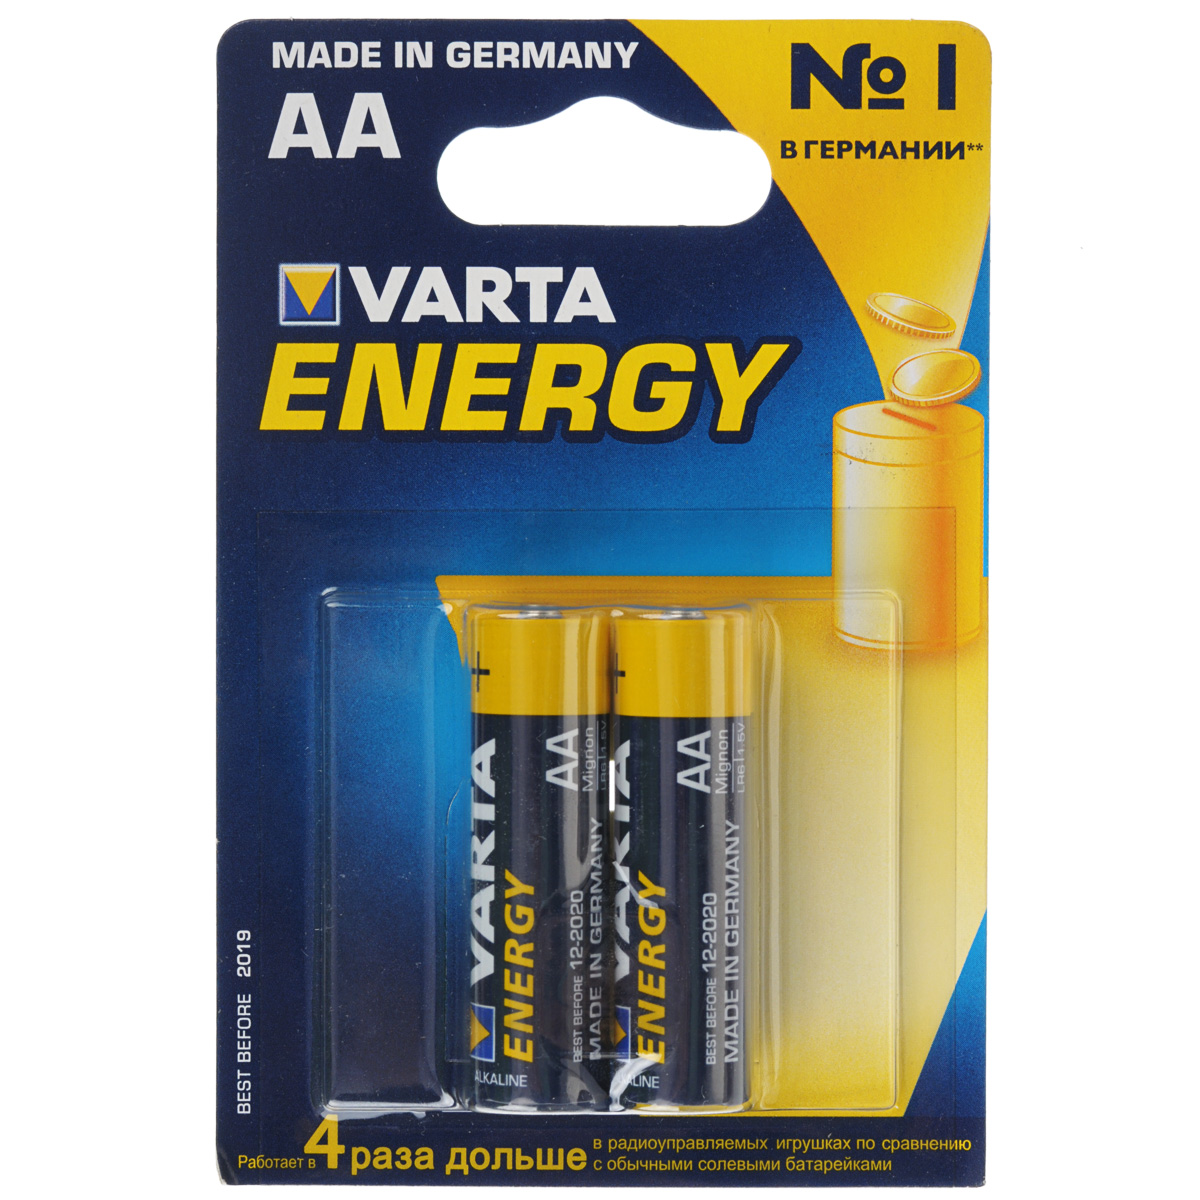 Батарейка Varta Energy, тип АА, 1,5В, 2 шт6107Алкалиновые батарейки Varta Energy отличаются долгим сроком работы, подходят для аудио- видео- техники, а также другой электроники и бытовых приборов. Сделаны из качественных материалов.